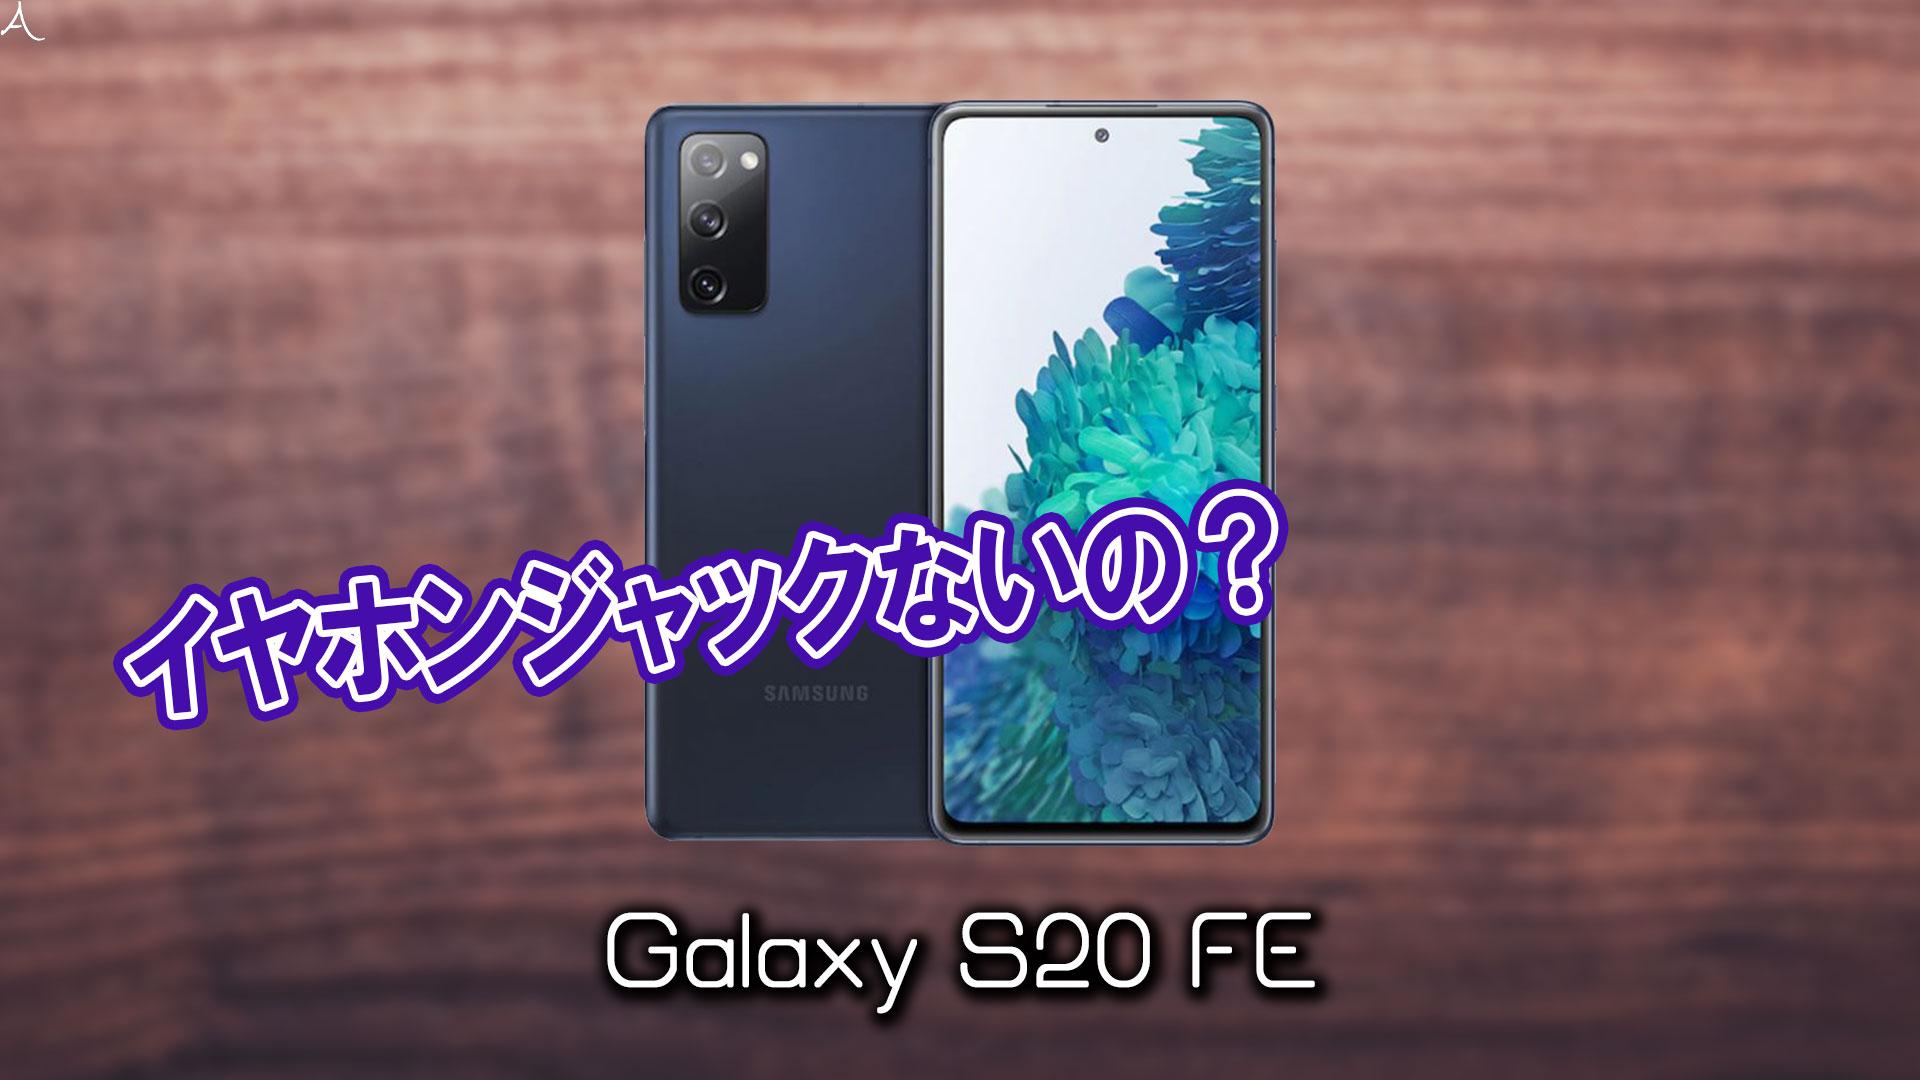 「Galaxy S20 FE」はイヤホンジャックない?有線イヤホンは使えない?